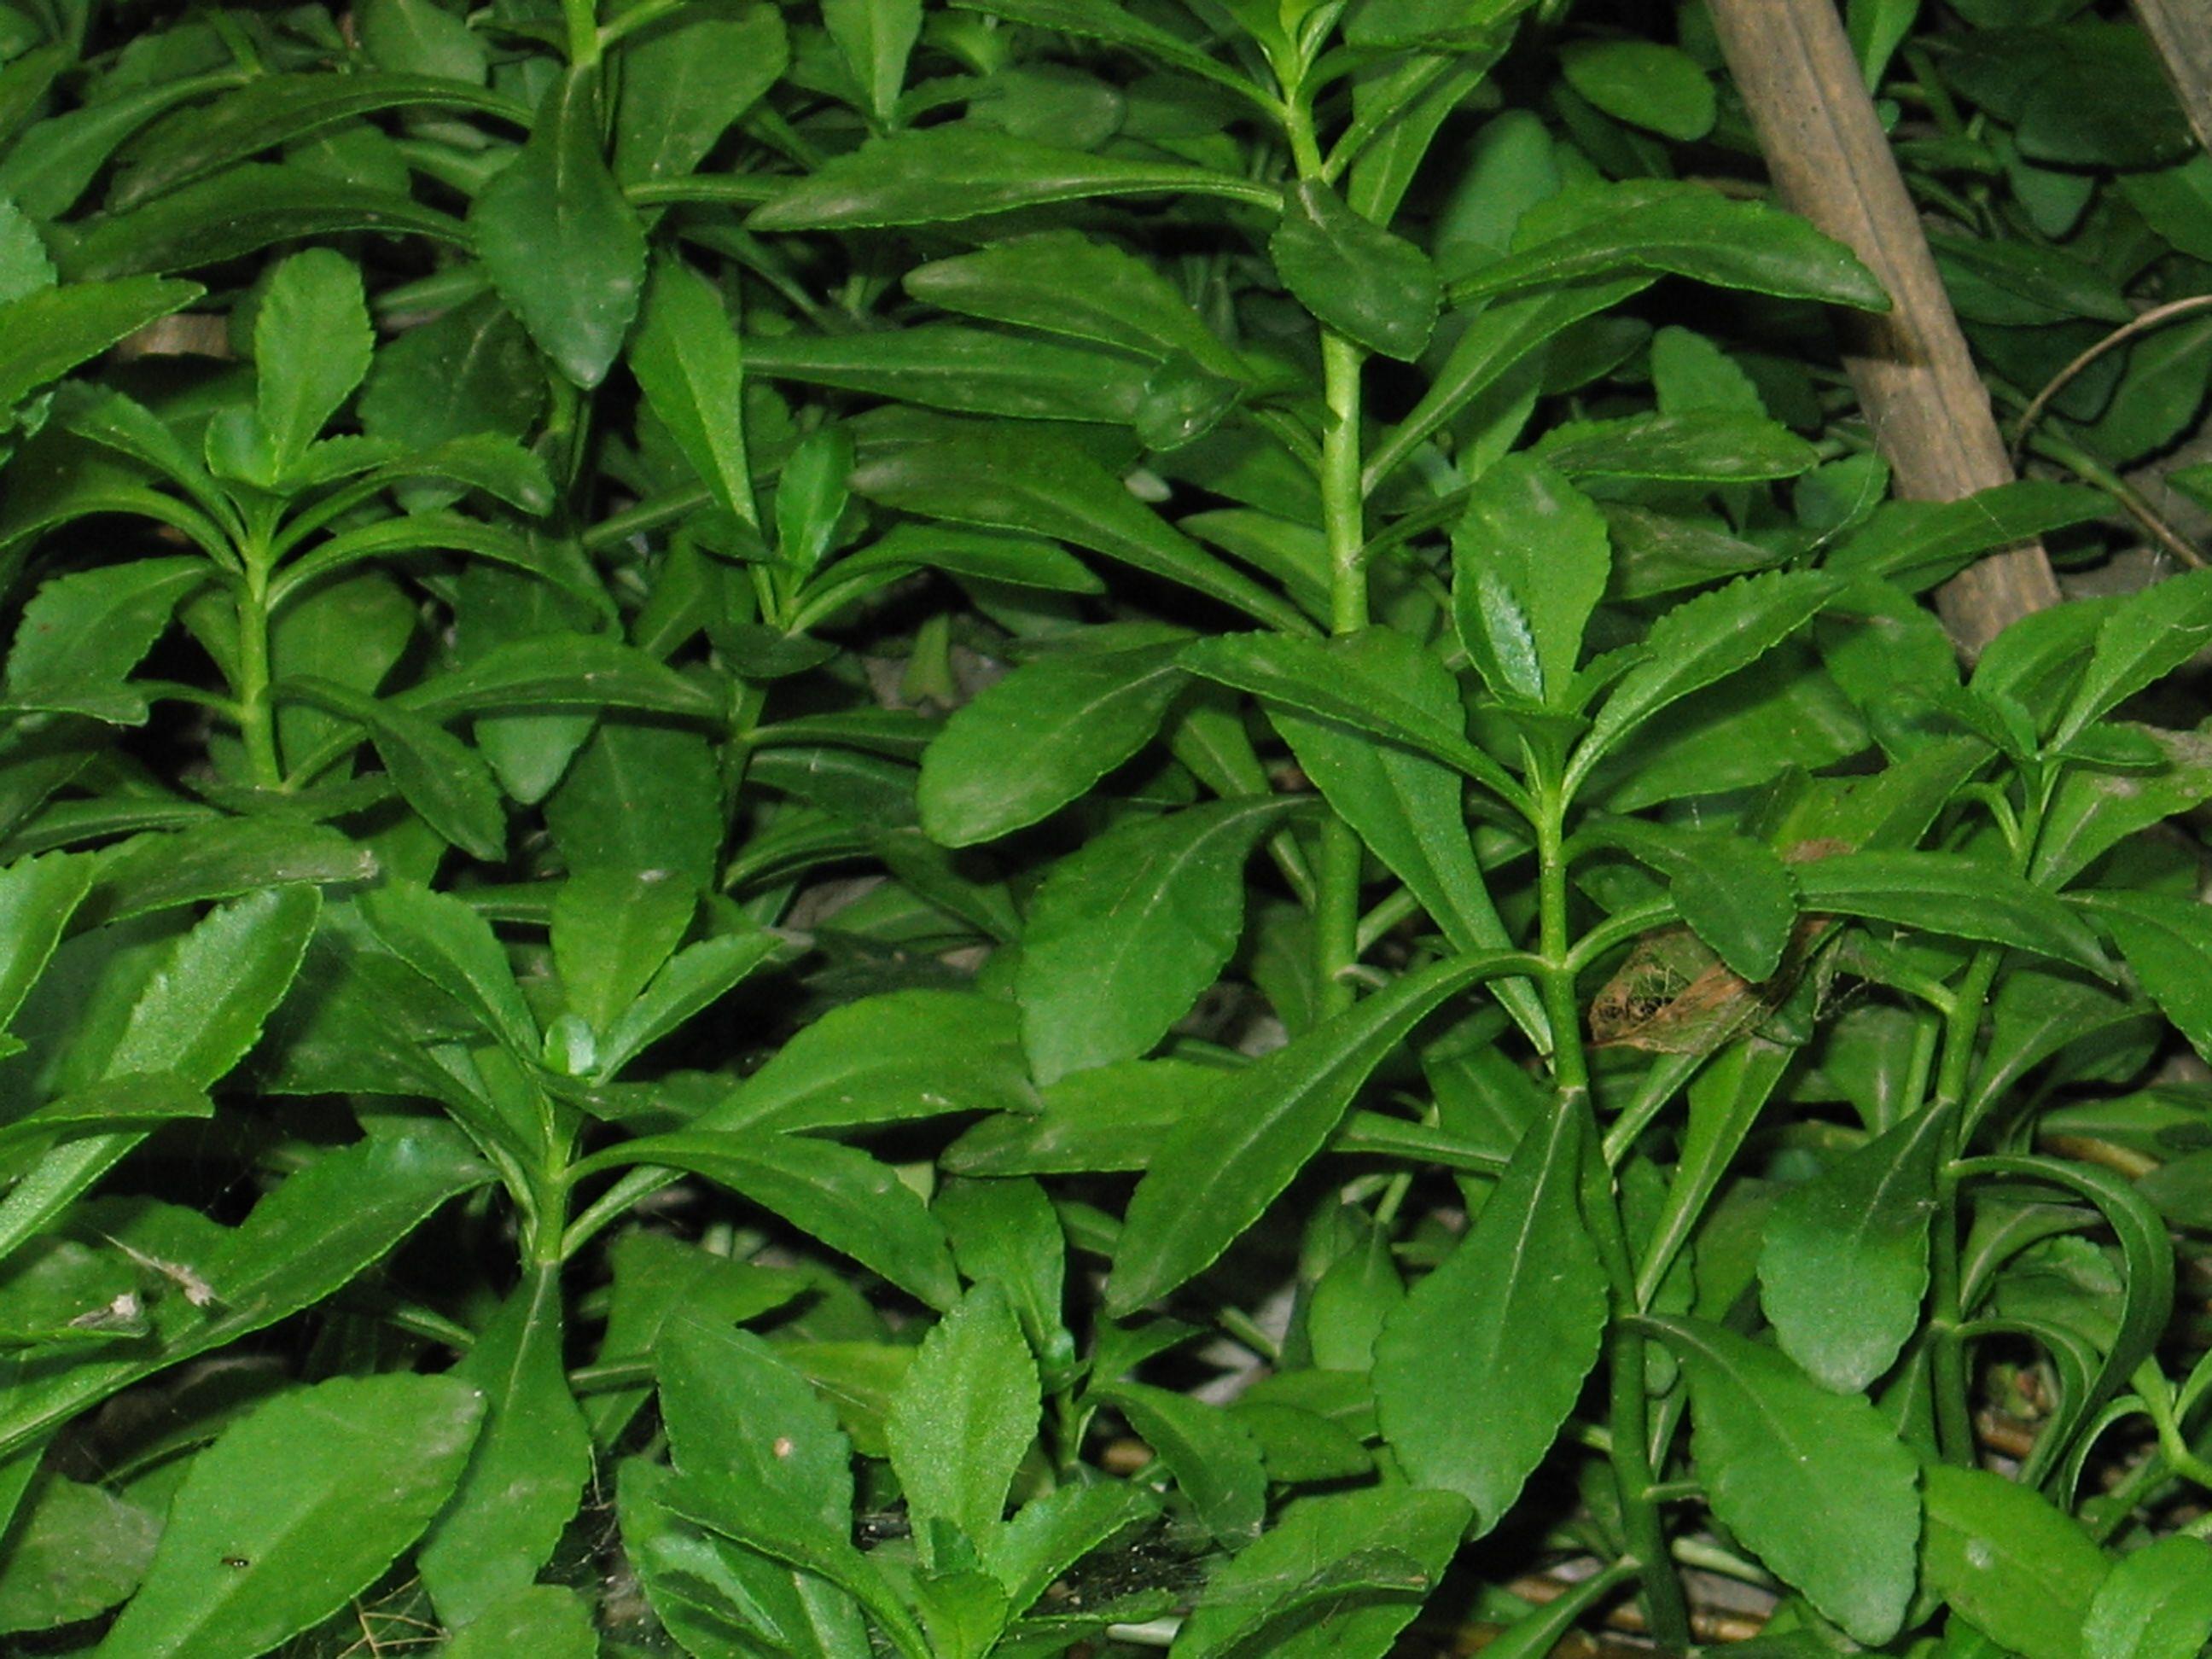 这种可以对蚊子叮咬解痒消肿的草(有人叫它三七)应该叫什么名字?